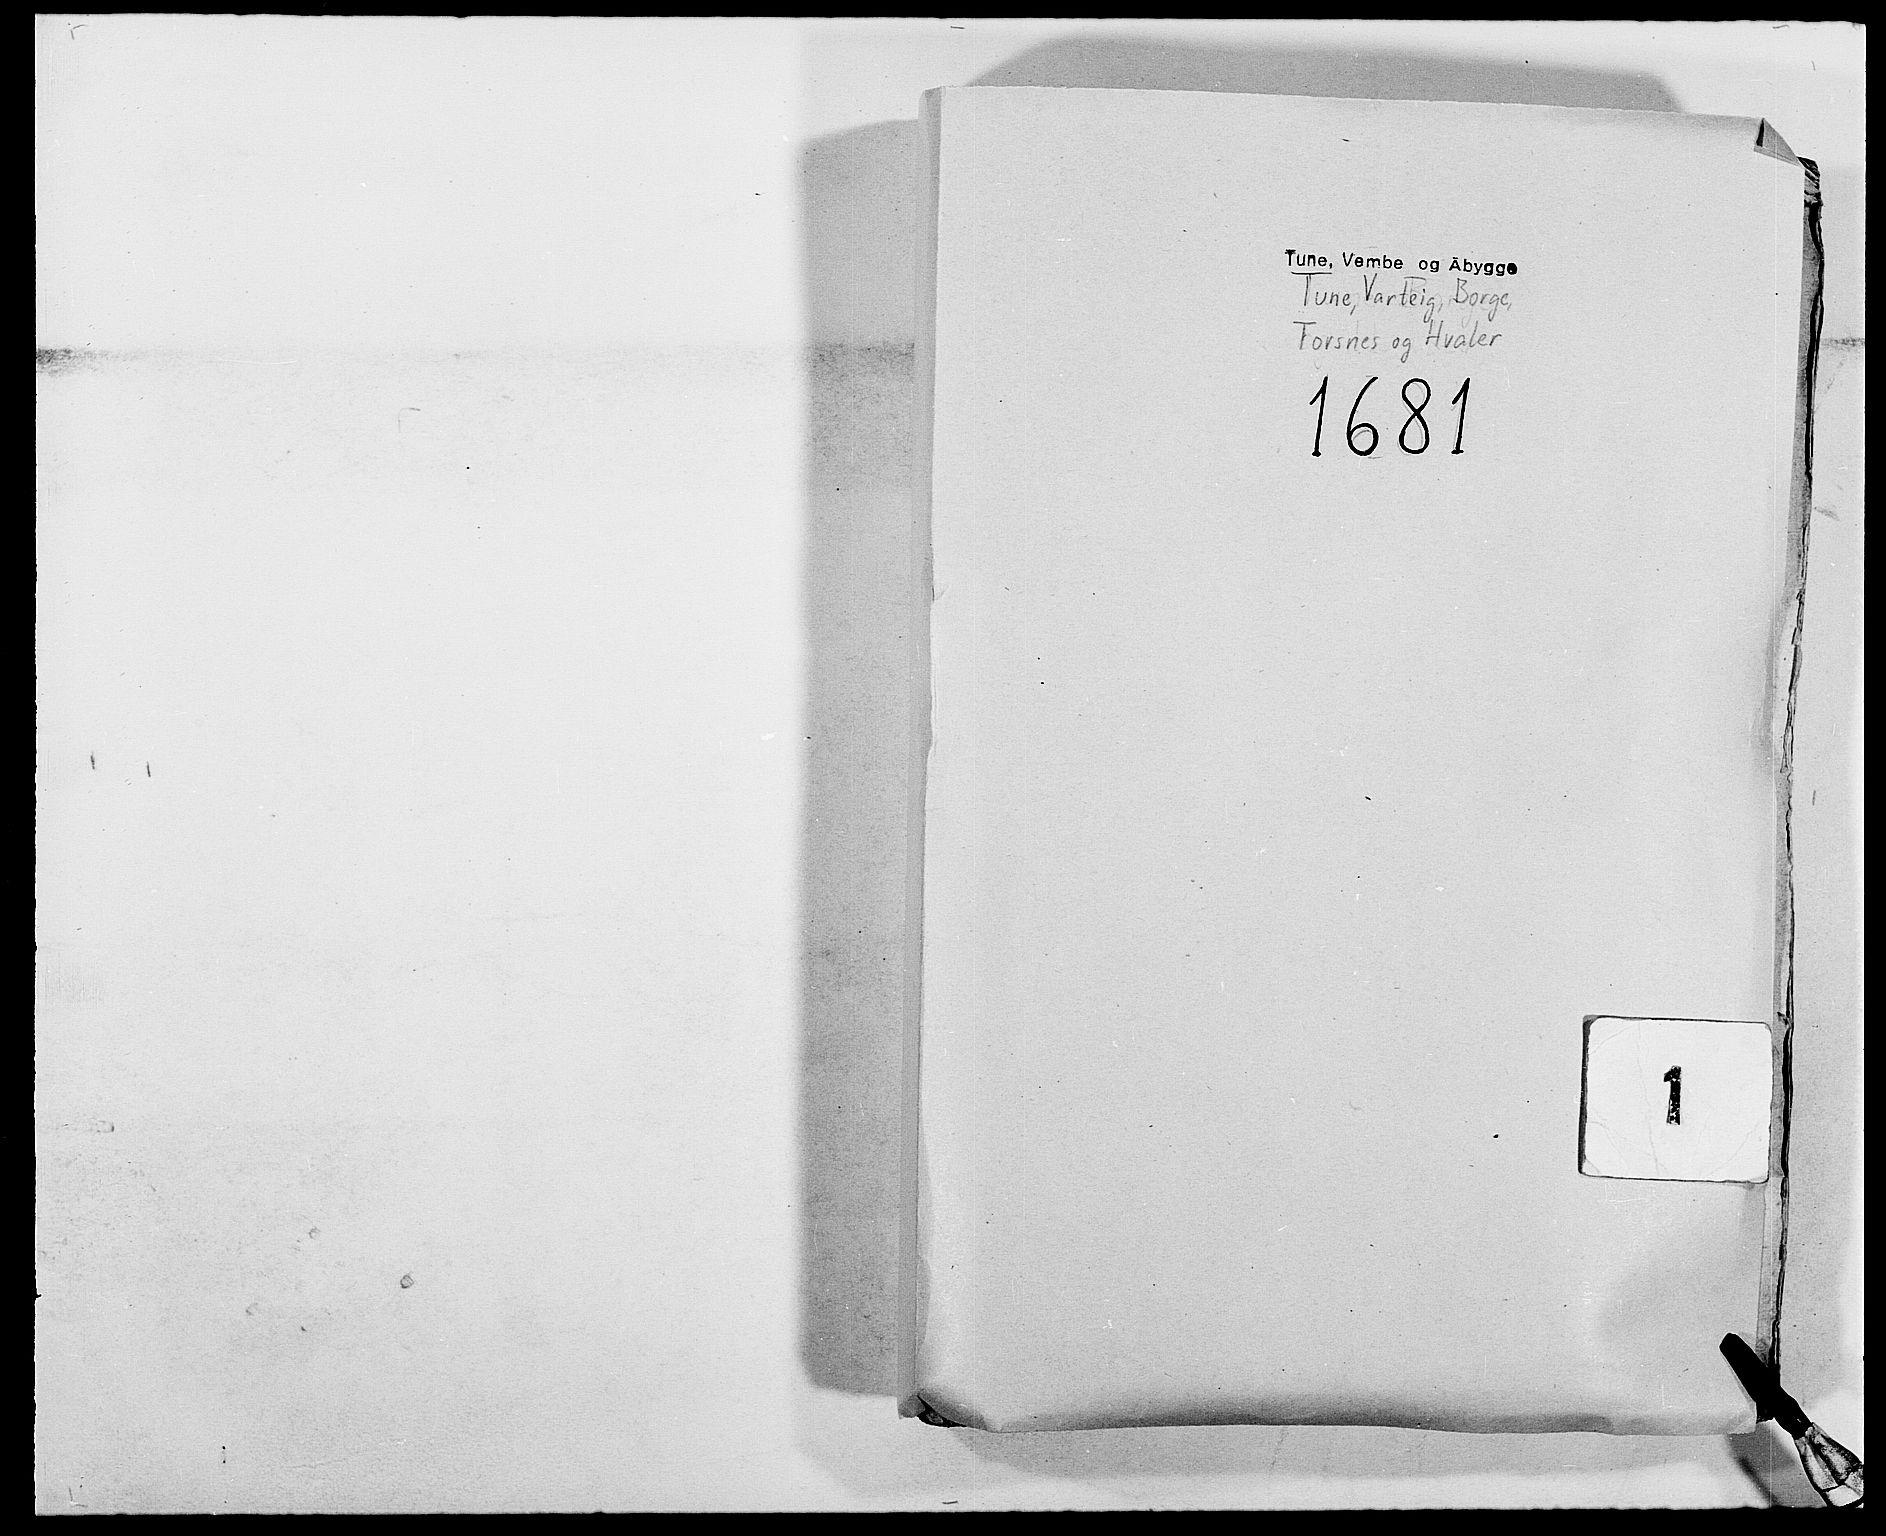 RA, Rentekammeret inntil 1814, Reviderte regnskaper, Fogderegnskap, R03/L0114: Fogderegnskap Onsøy, Tune, Veme og Åbygge fogderi, 1678-1683, s. 1